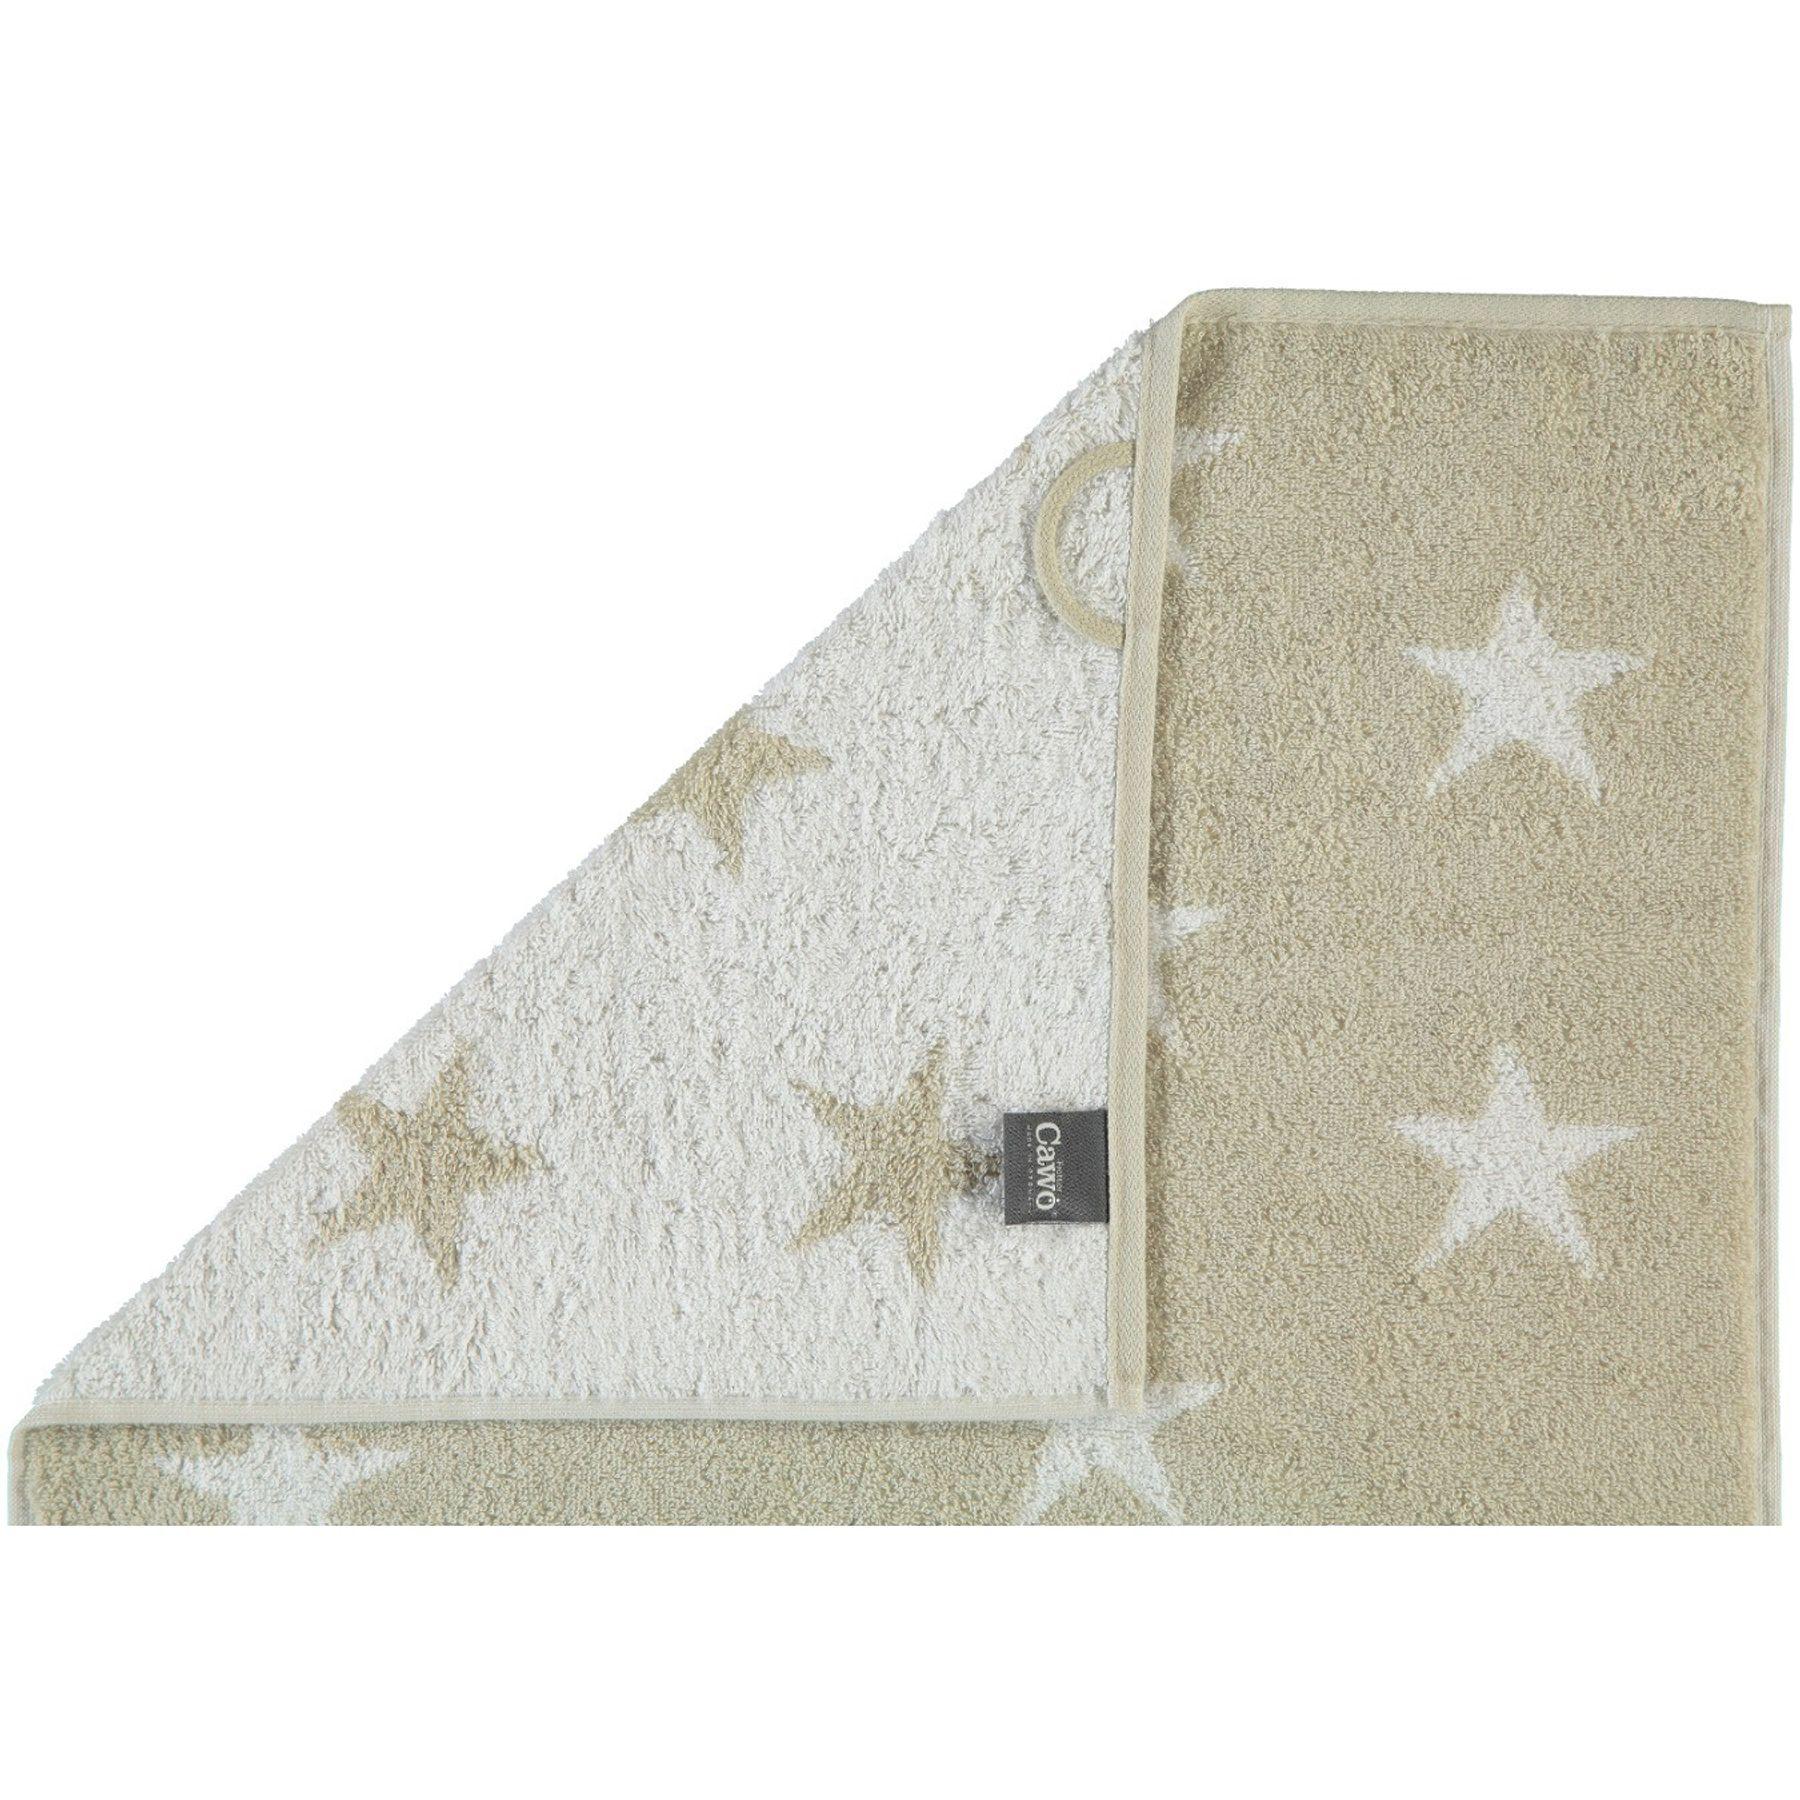 Cawö - Frottier Duschtuch mit Sternen Muster in verschiedenen Farben (525) – Bild 2